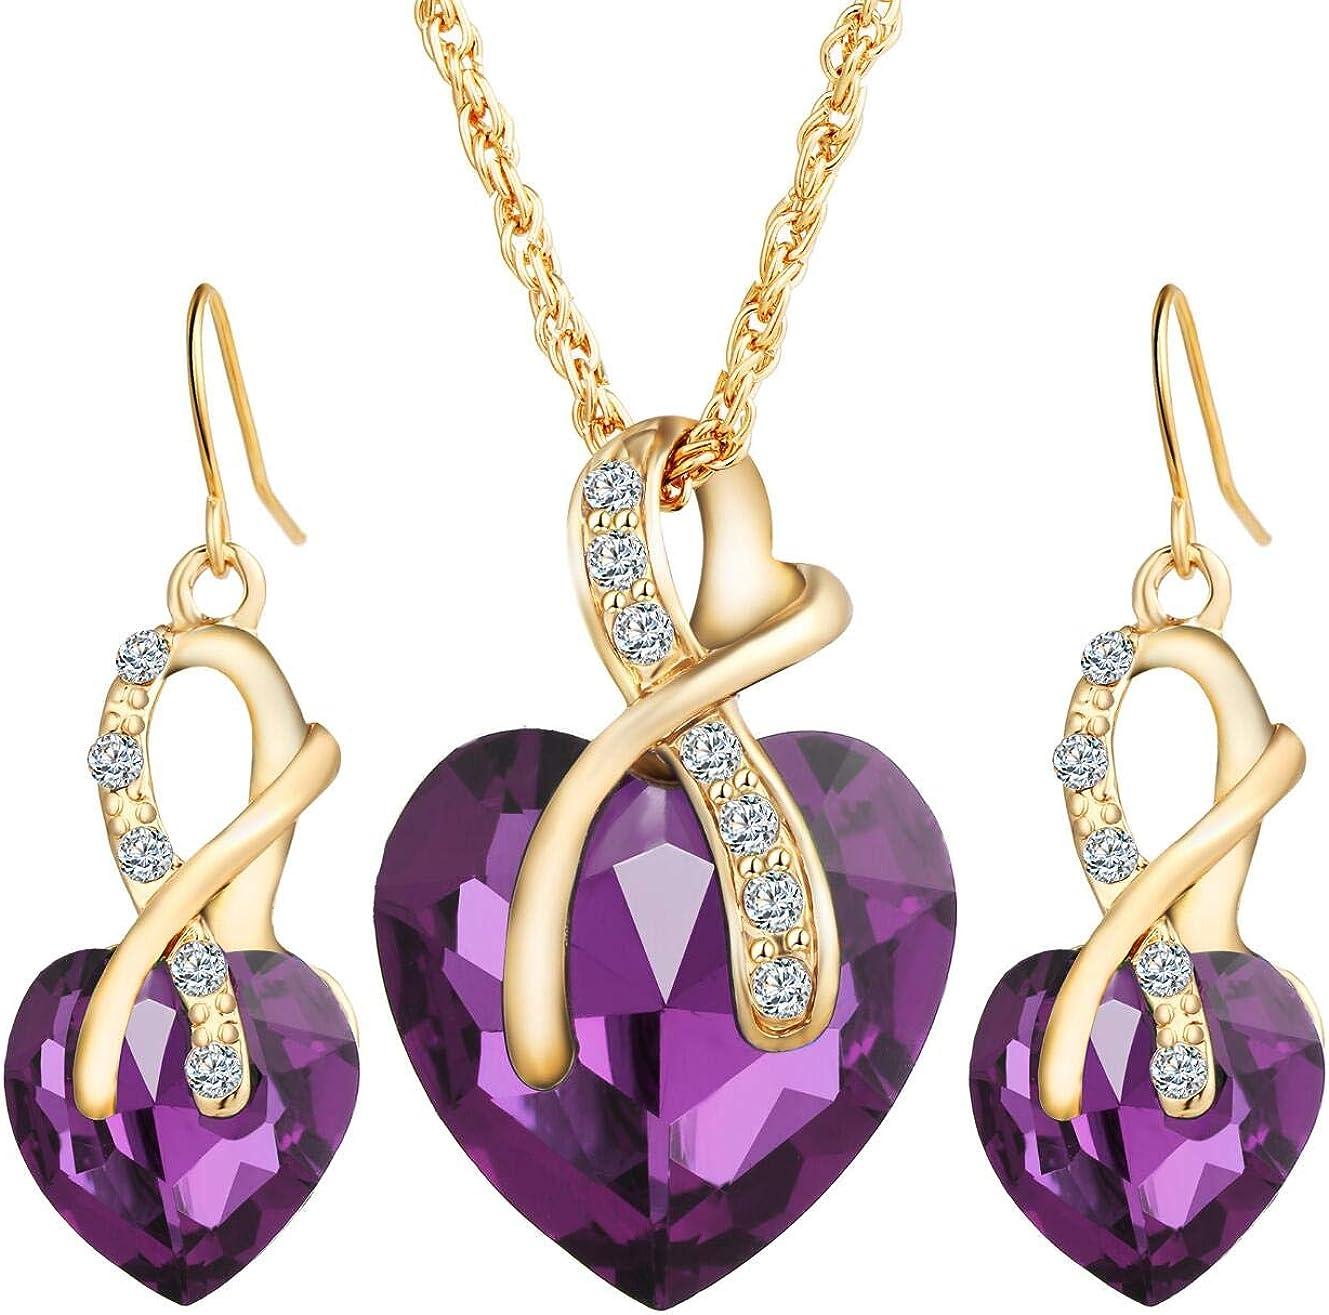 Heart Earring /& Necklace Set Druzy Jewelry Set Purple Jewelry Set Heart Jewelry Girlfriend Gift Jewelry Gift Valentines Gift Bridesmaid Gift